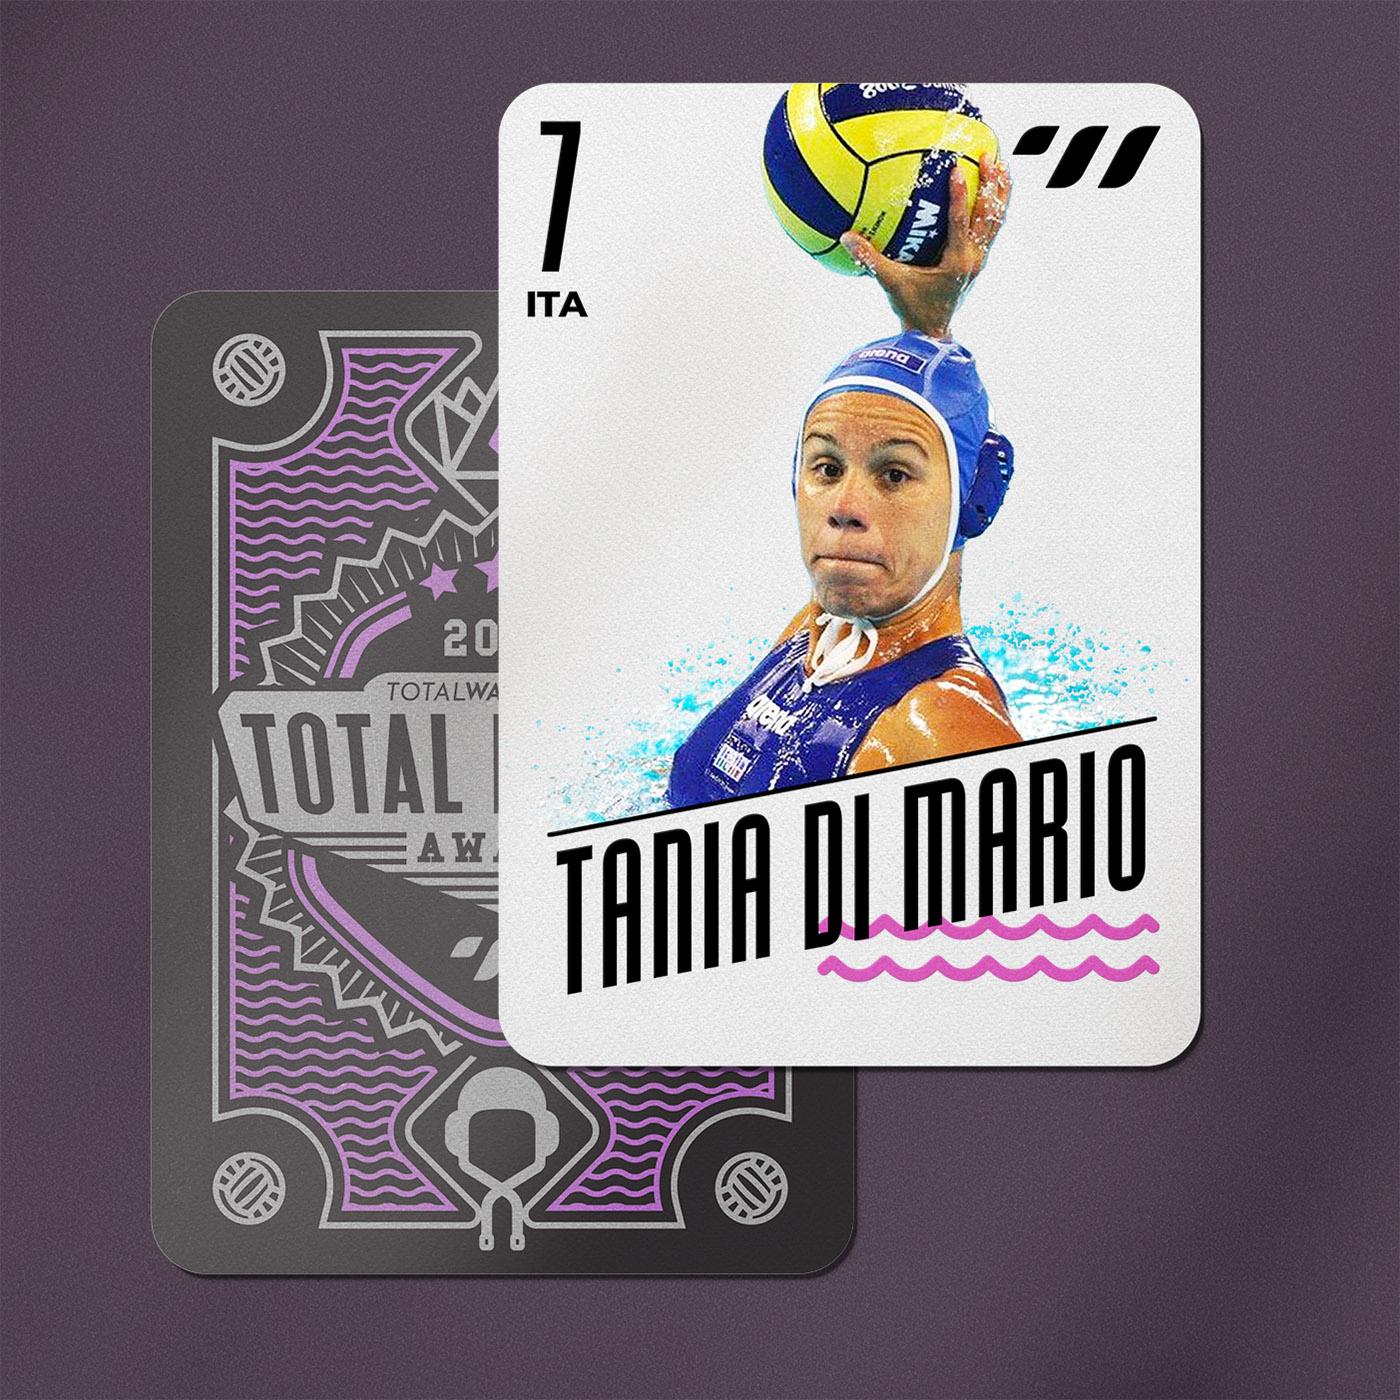 RIGHT SIDE - Tania Di Mario (ITA)